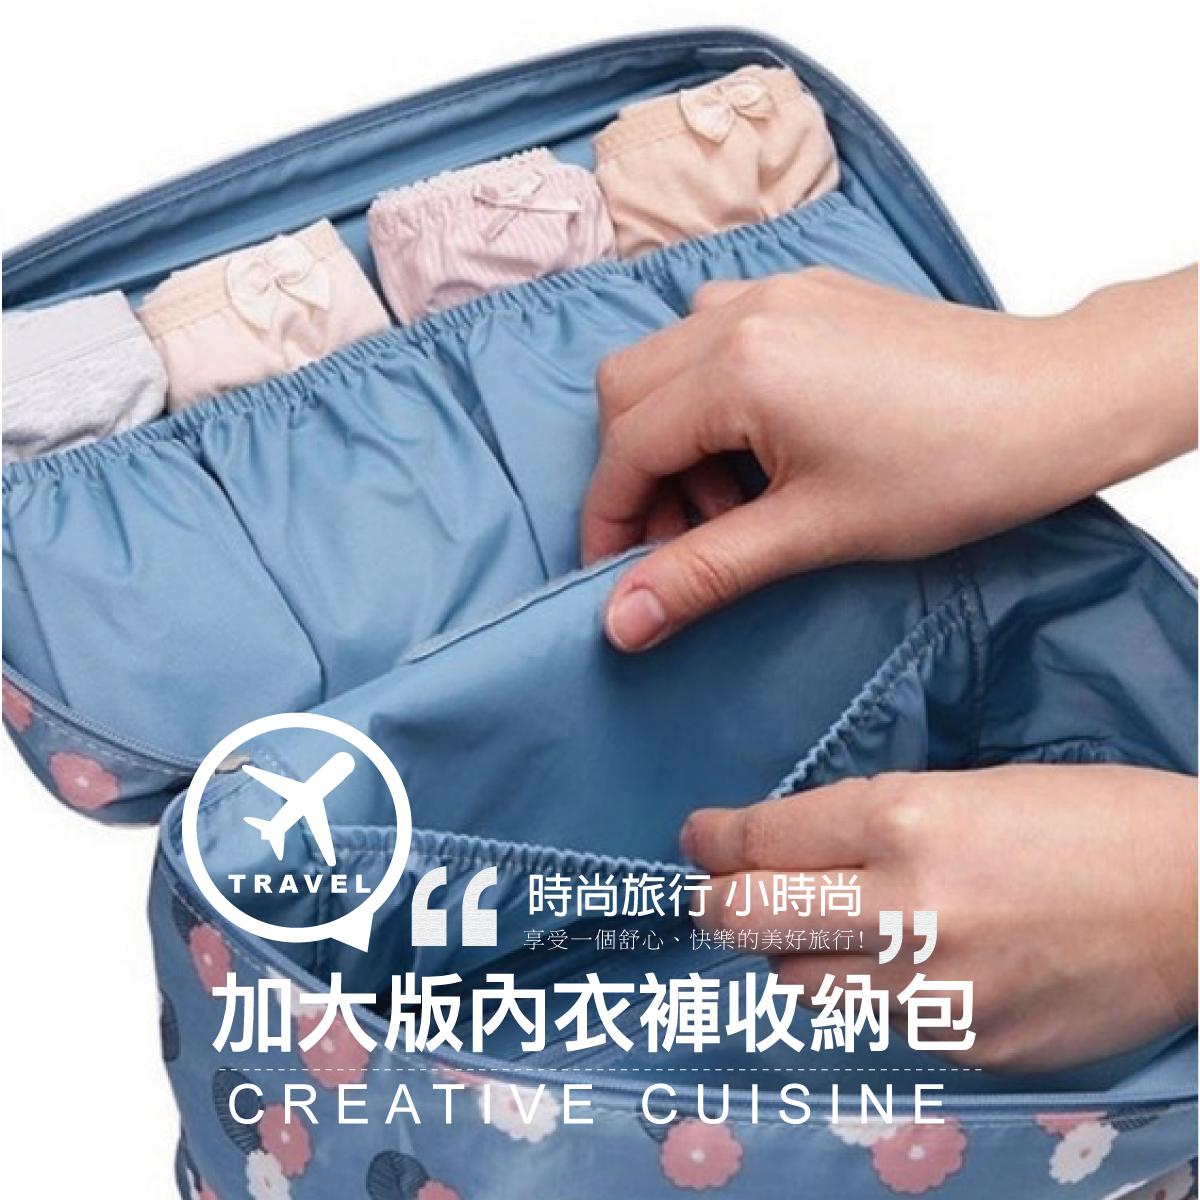 加大版內衣褲收納包【PA-023】內衣 內褲 衣櫃 收納 收納盒 韓版新款